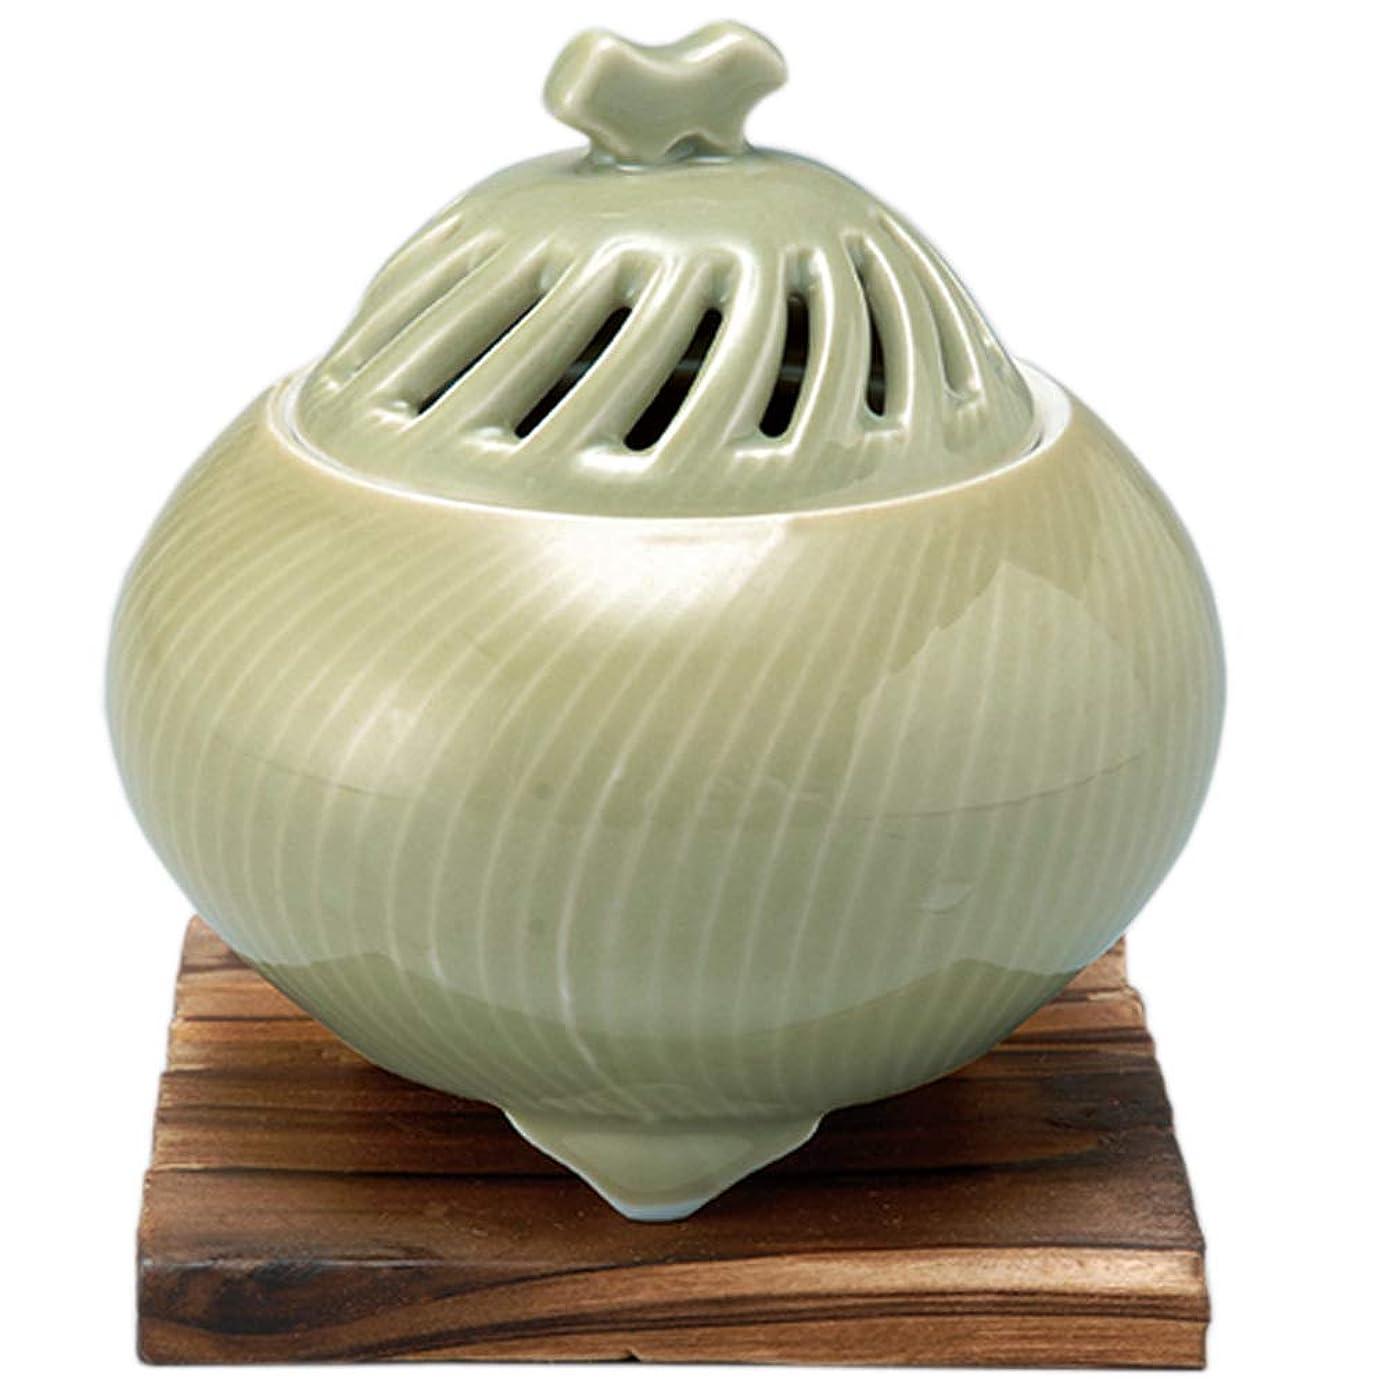 布どこでも決定する香炉 鶯透し 丸型香炉 [R11xH11.3cm] プレゼント ギフト 和食器 かわいい インテリア